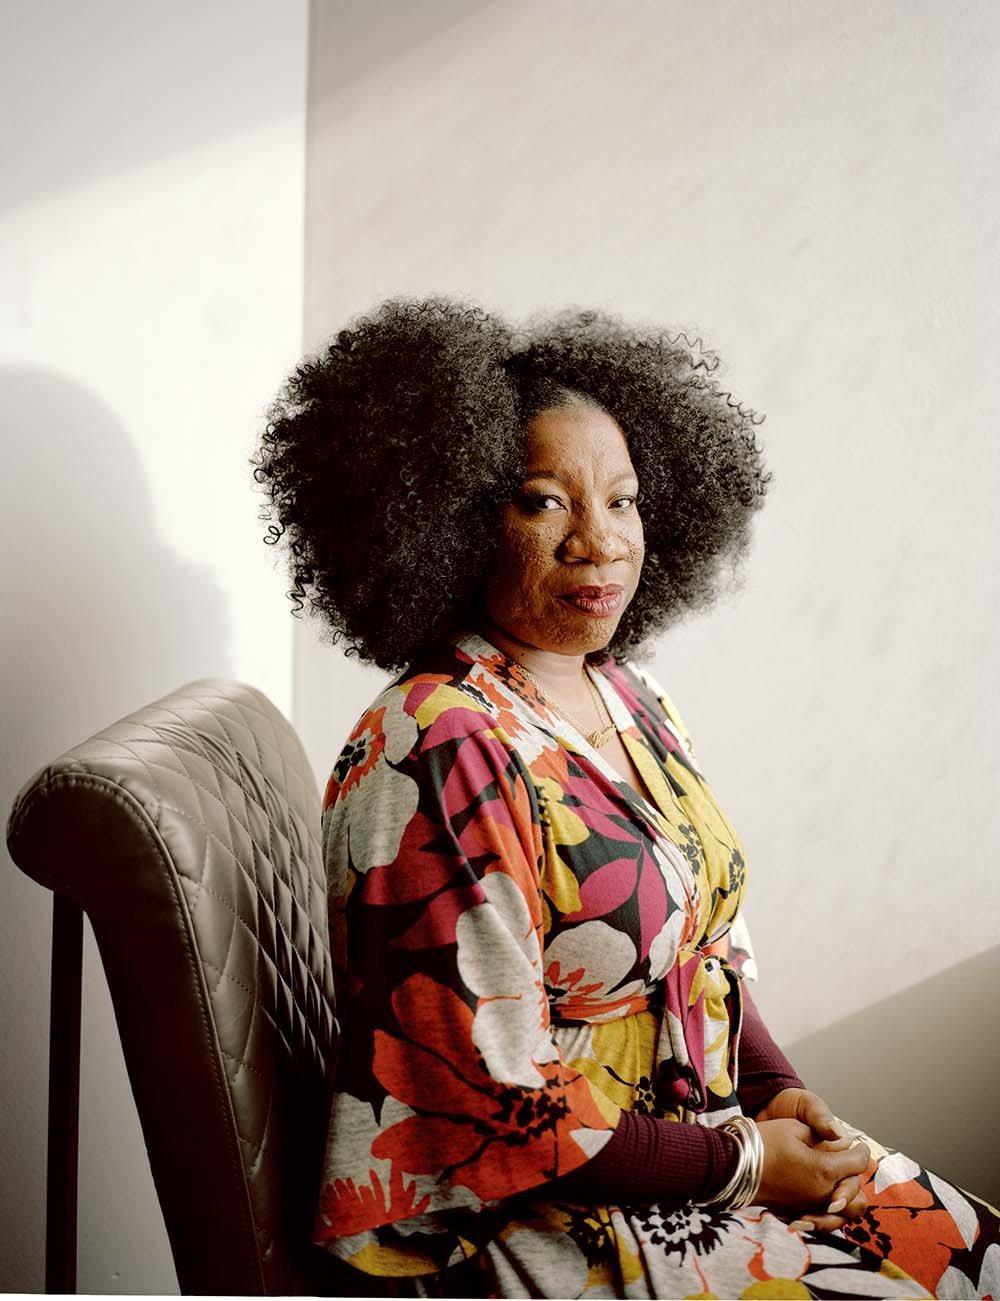 塔拉纳.伯克/住在布鲁克林的社会运动者,她以发起#METOO运动而为人所知。 如...